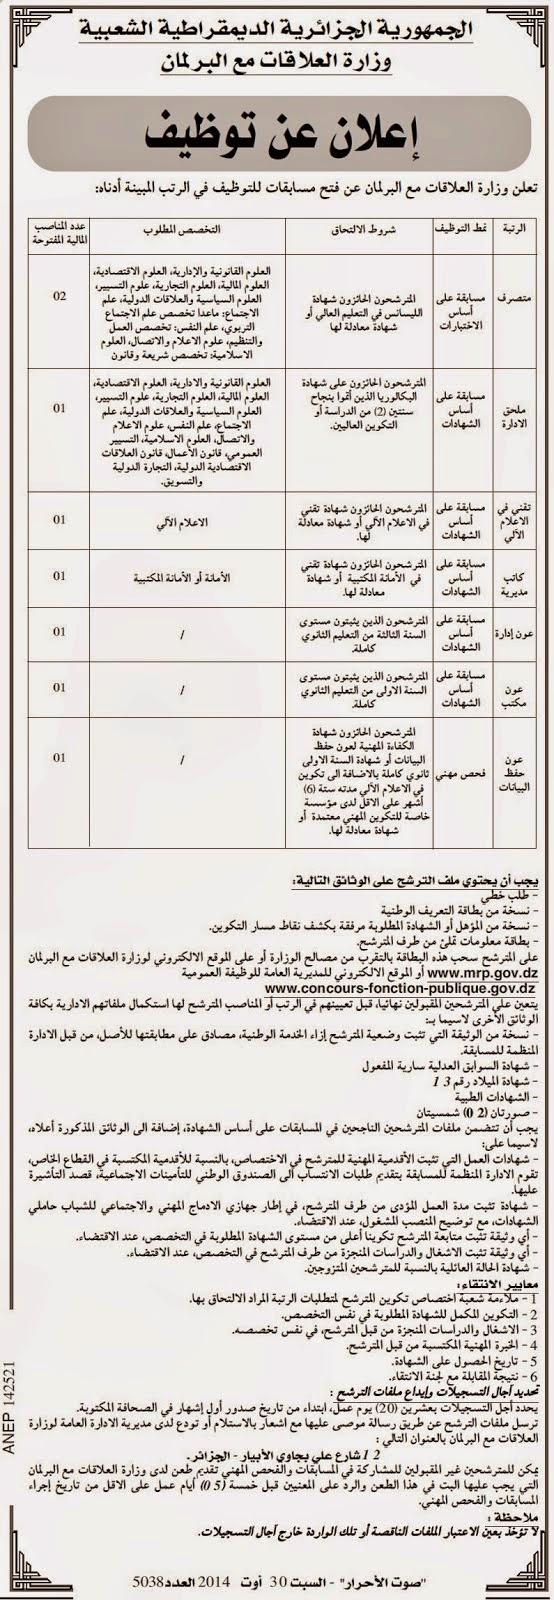 إعلان توظيف بوزارة العلاقات مع البرلمان أوت 2014